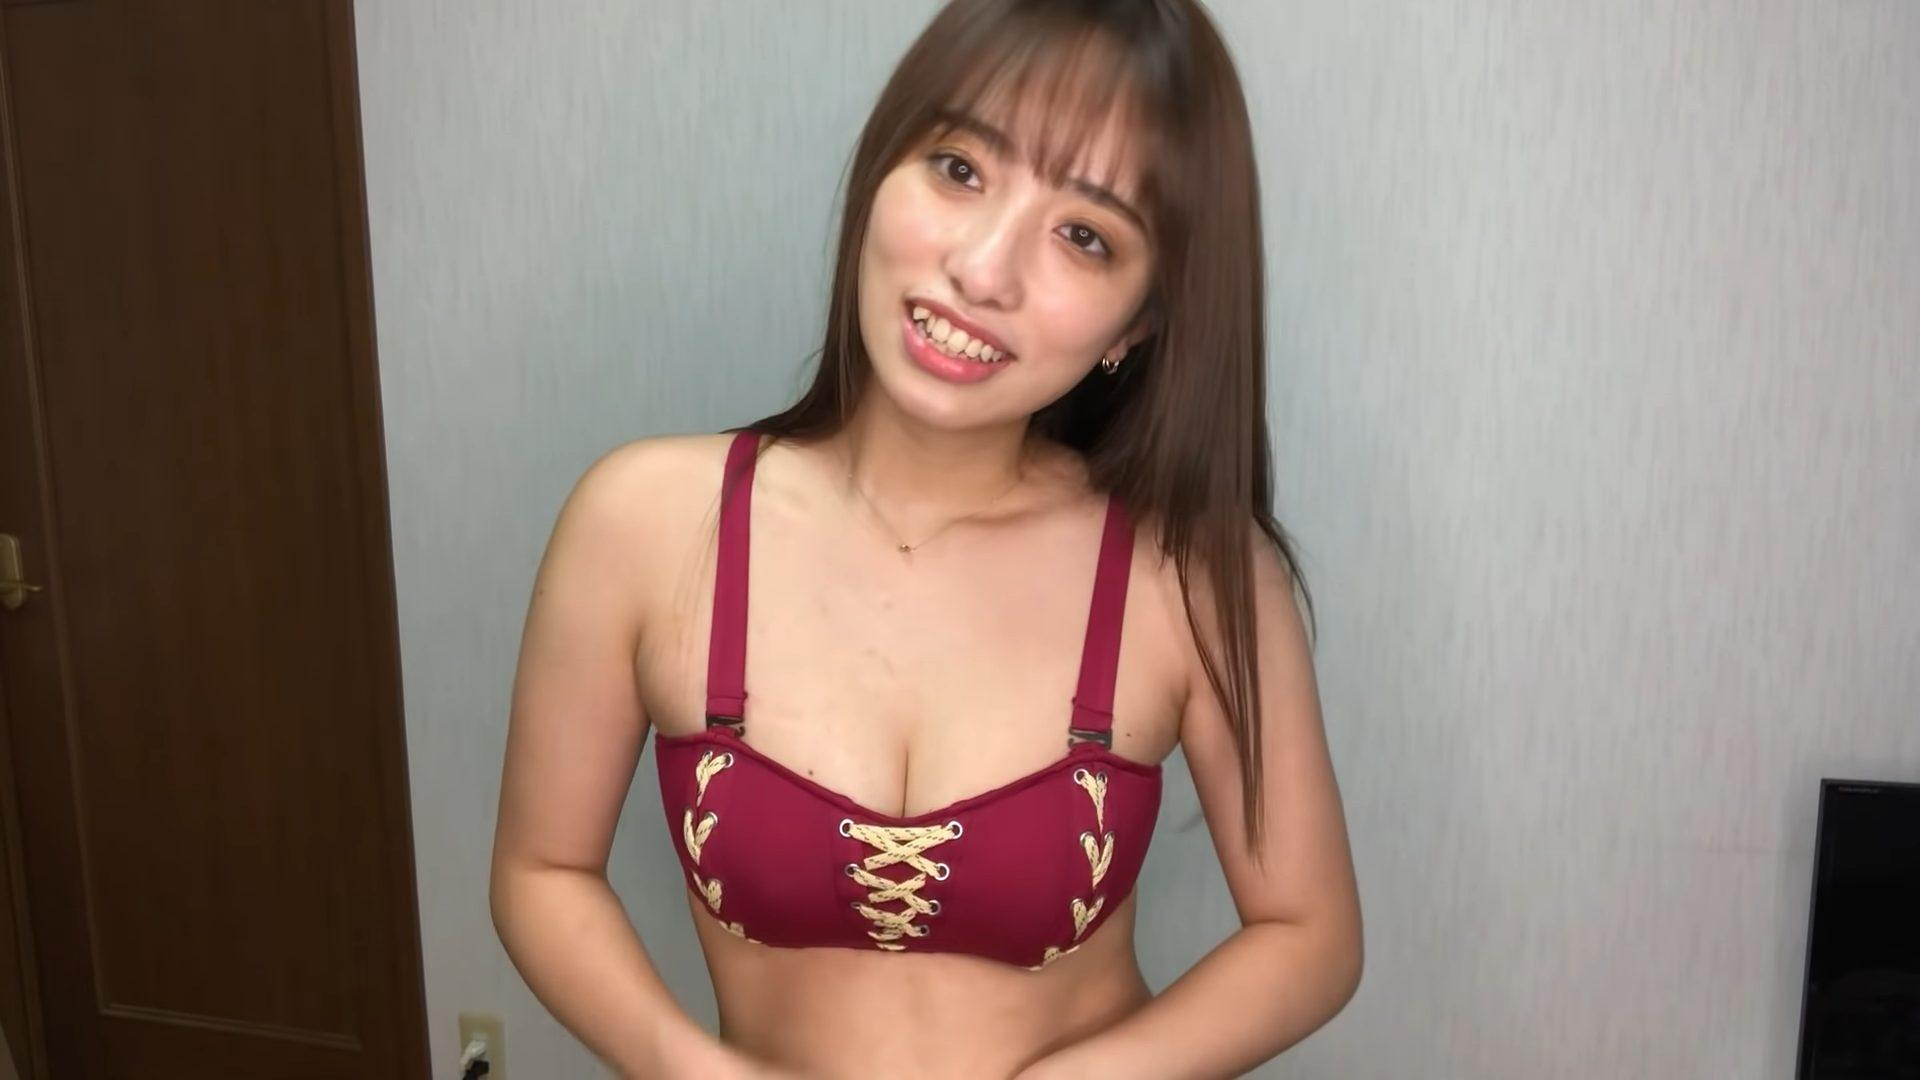 【高梨瑞樹】Fカップ8 お気に入り水着紹介!水着姿を披露!